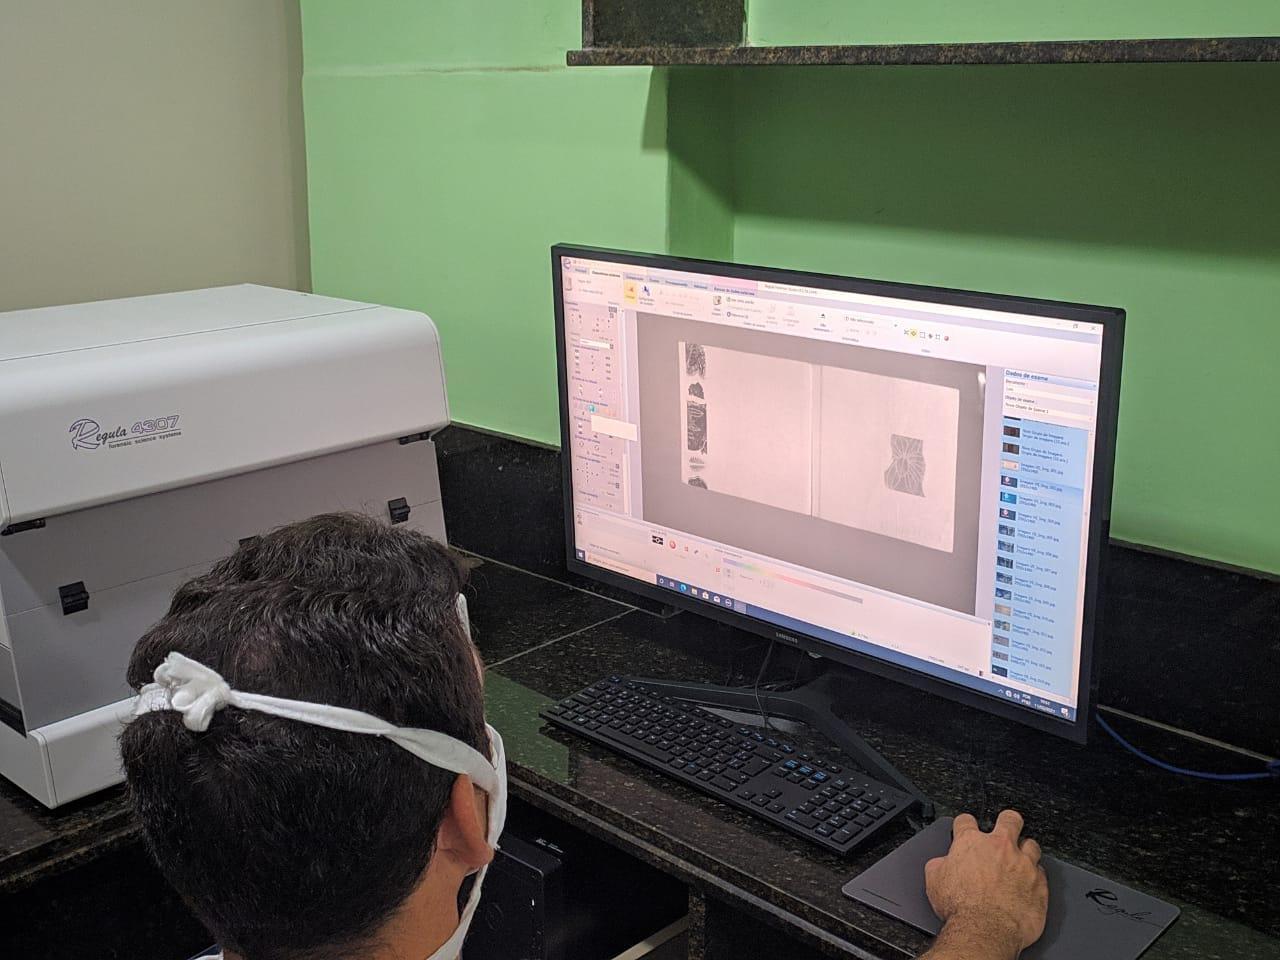 Itep adquire equipamento para identificar fraudes em documentos